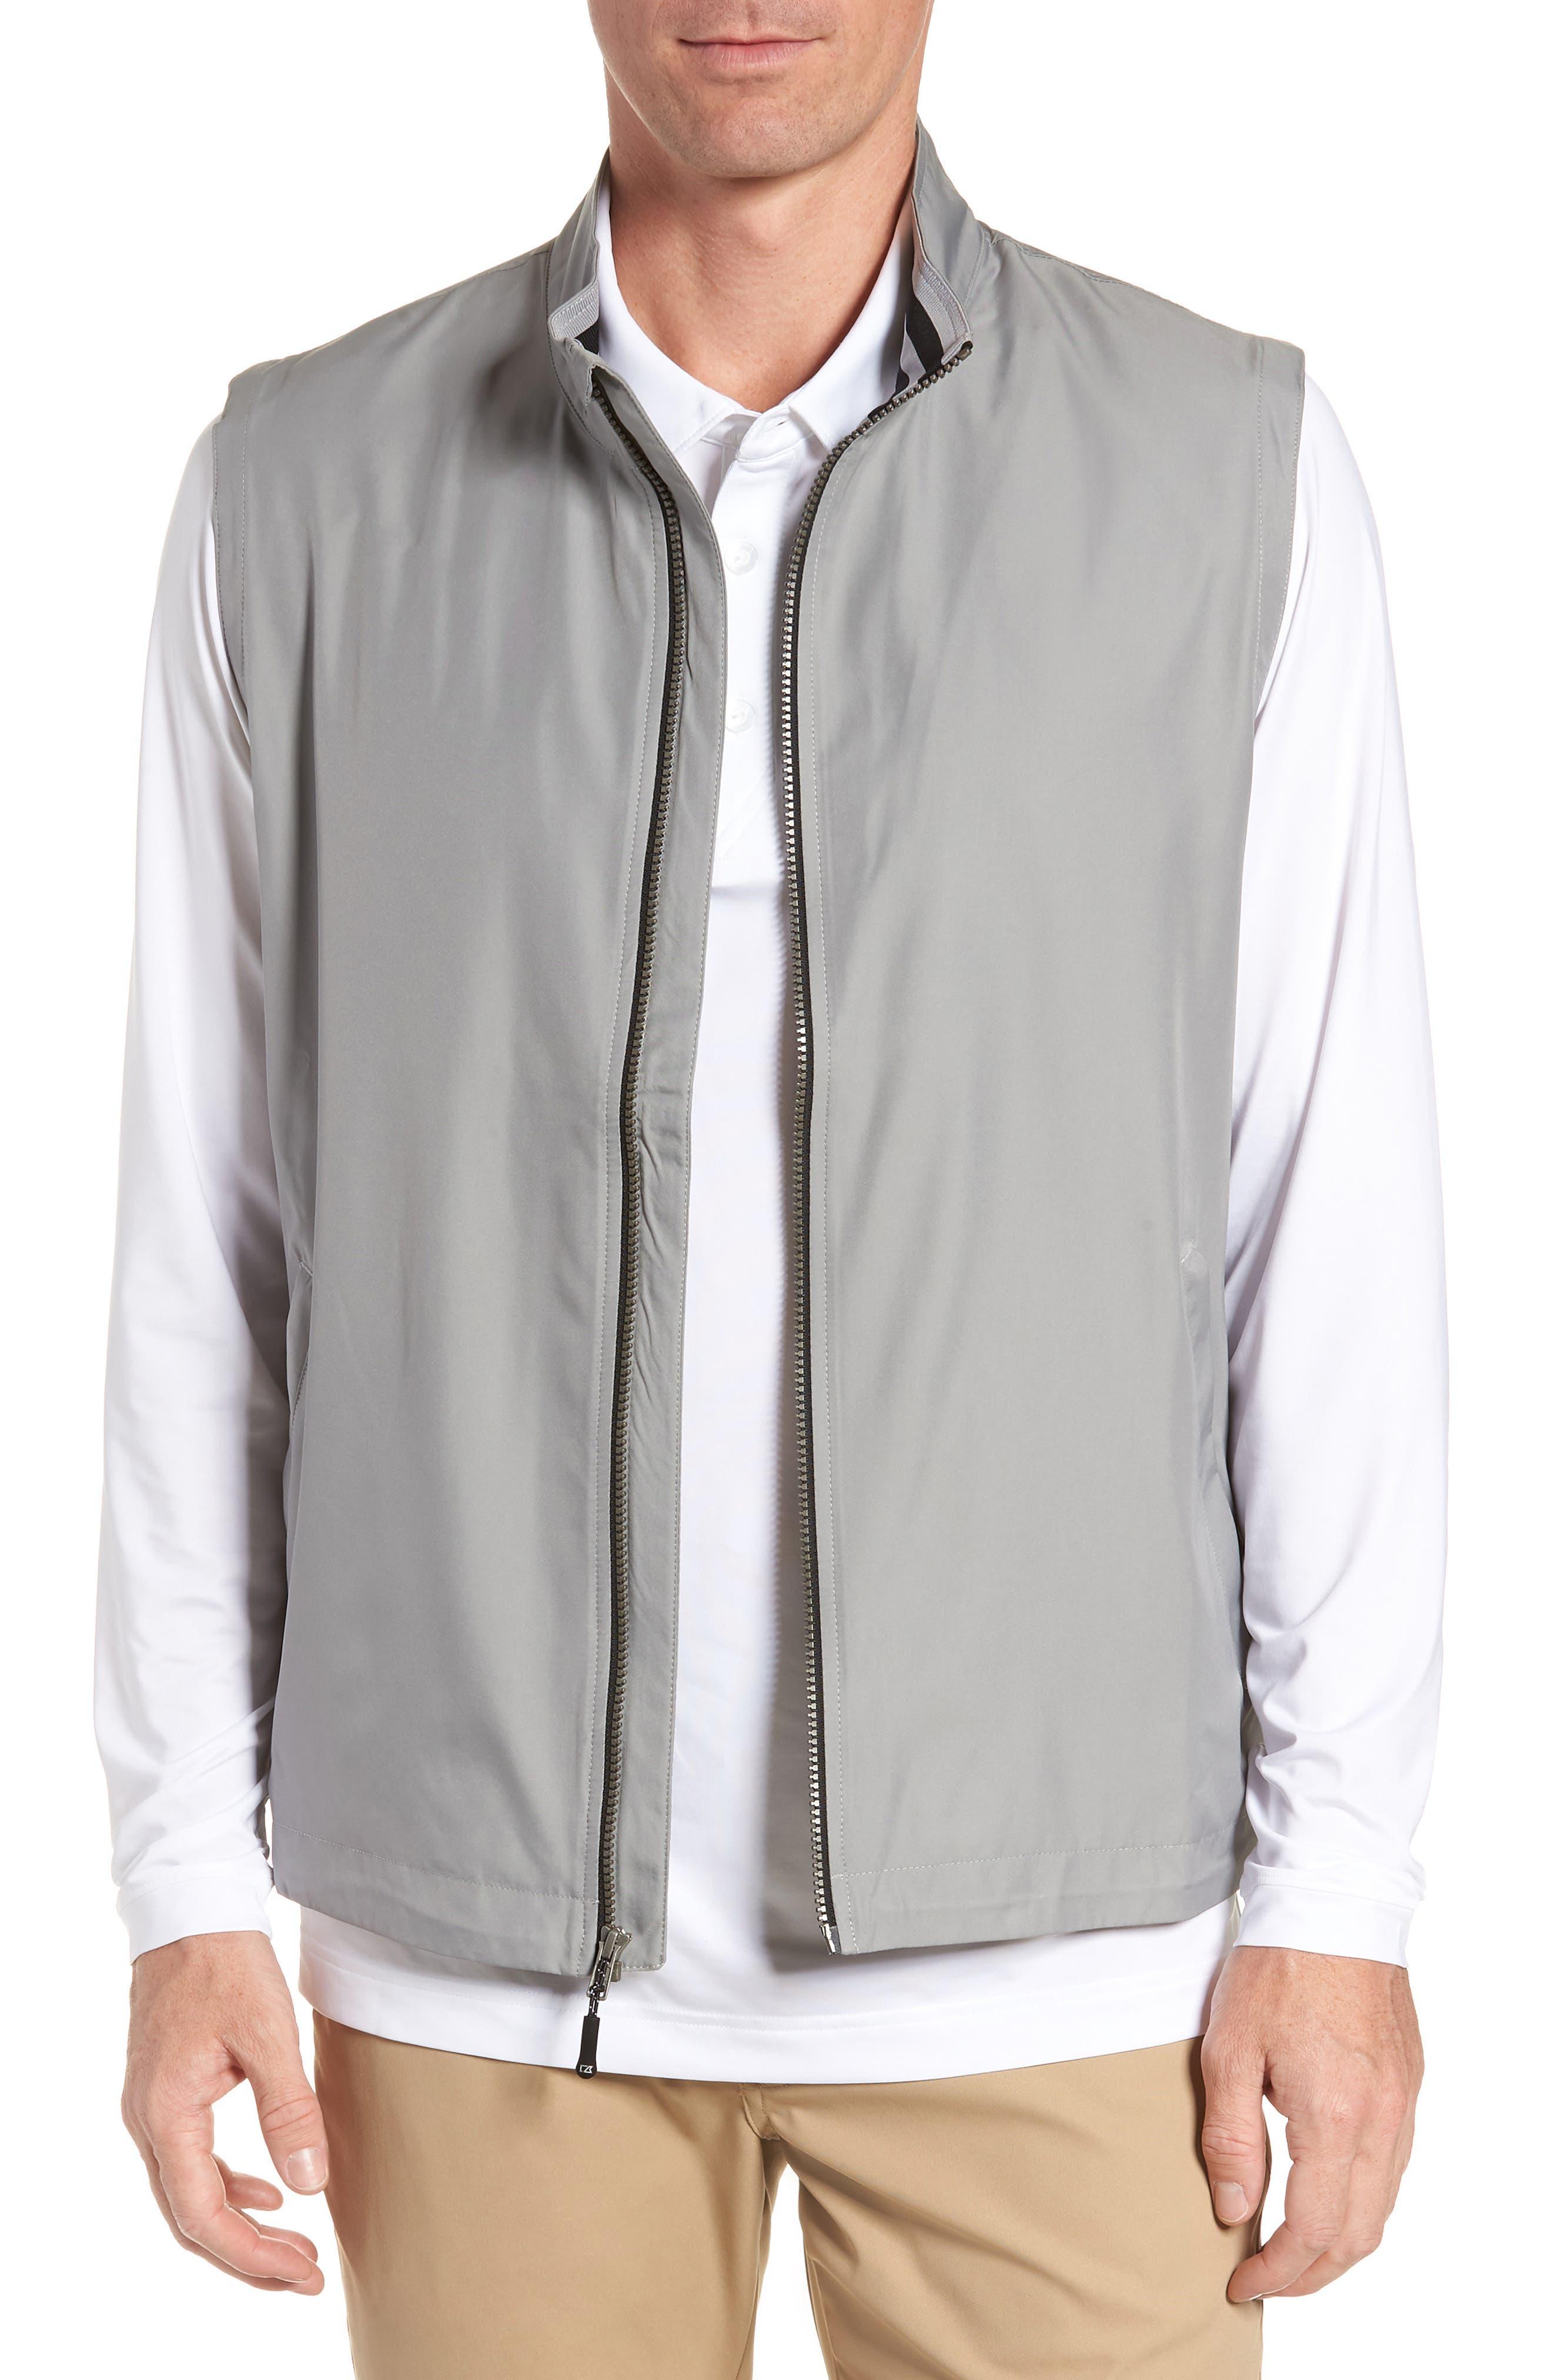 Cutter & Buck Nine Iron Drytec Zip Vest, Grey